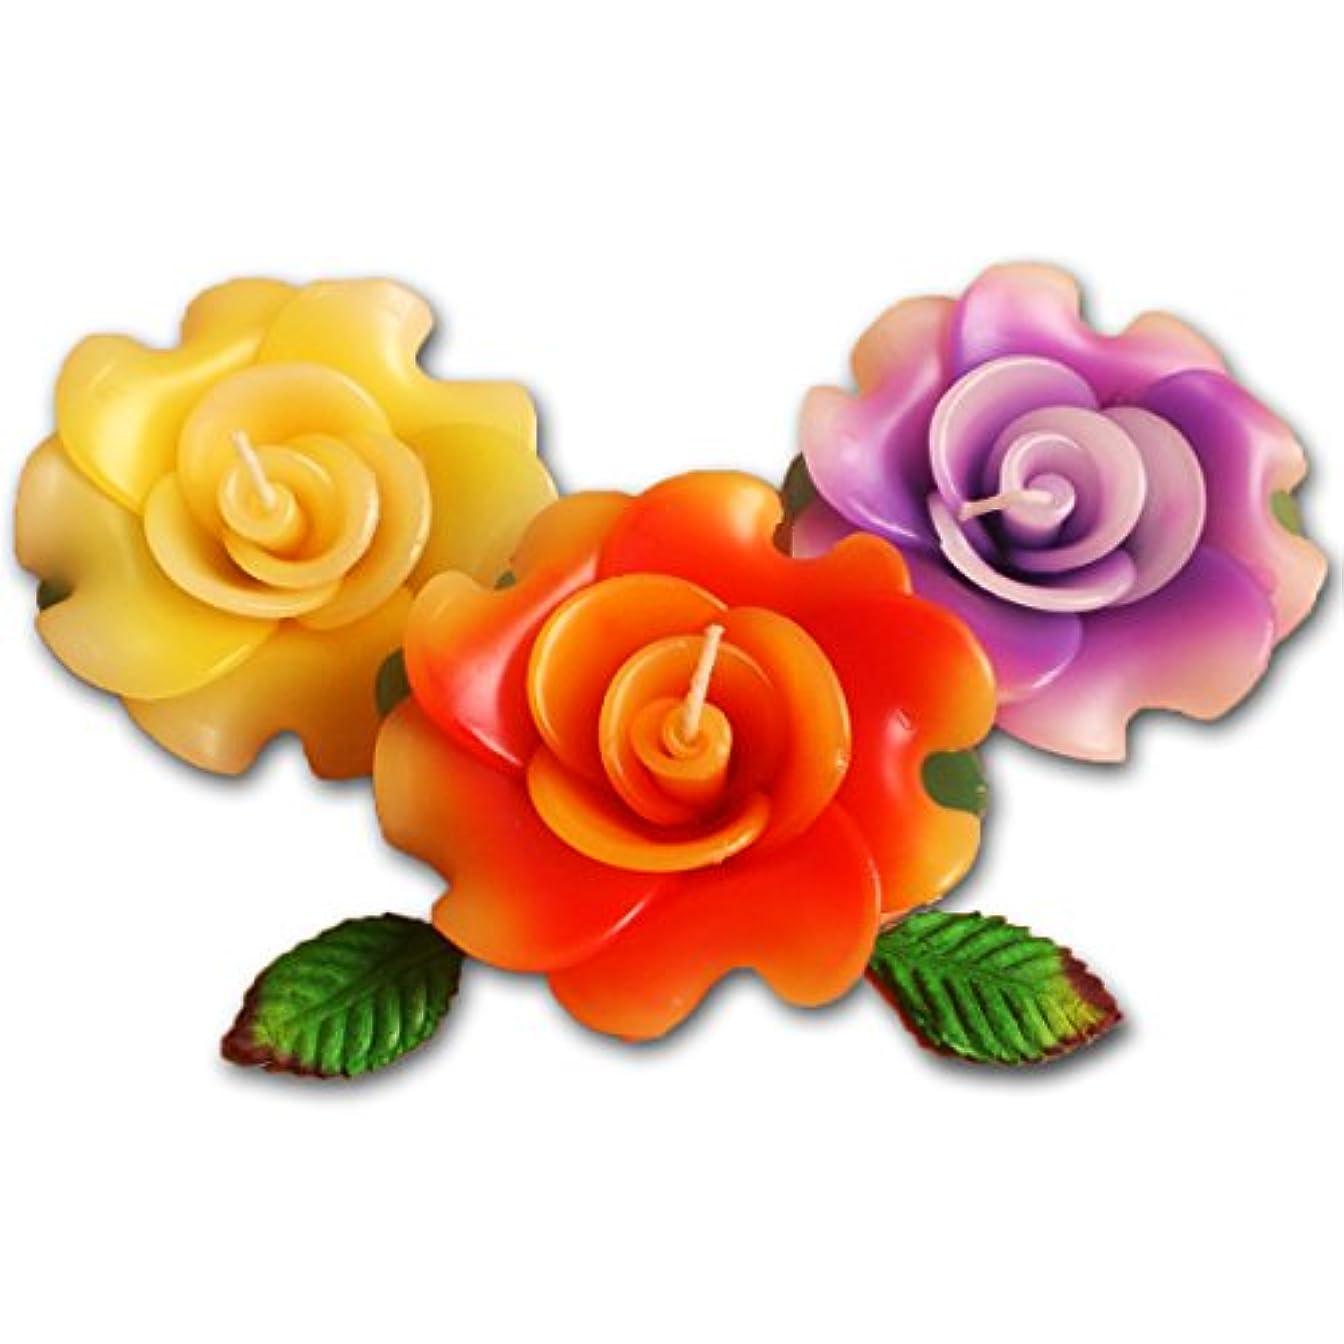 タイトルカルシウム中国フローティングキャンドル ローズ薔薇 12個入り アソート 香りつきアロマキャンドル 水に浮かぶ 退職ギフト 結婚式二次会プチギフト (12個入り)